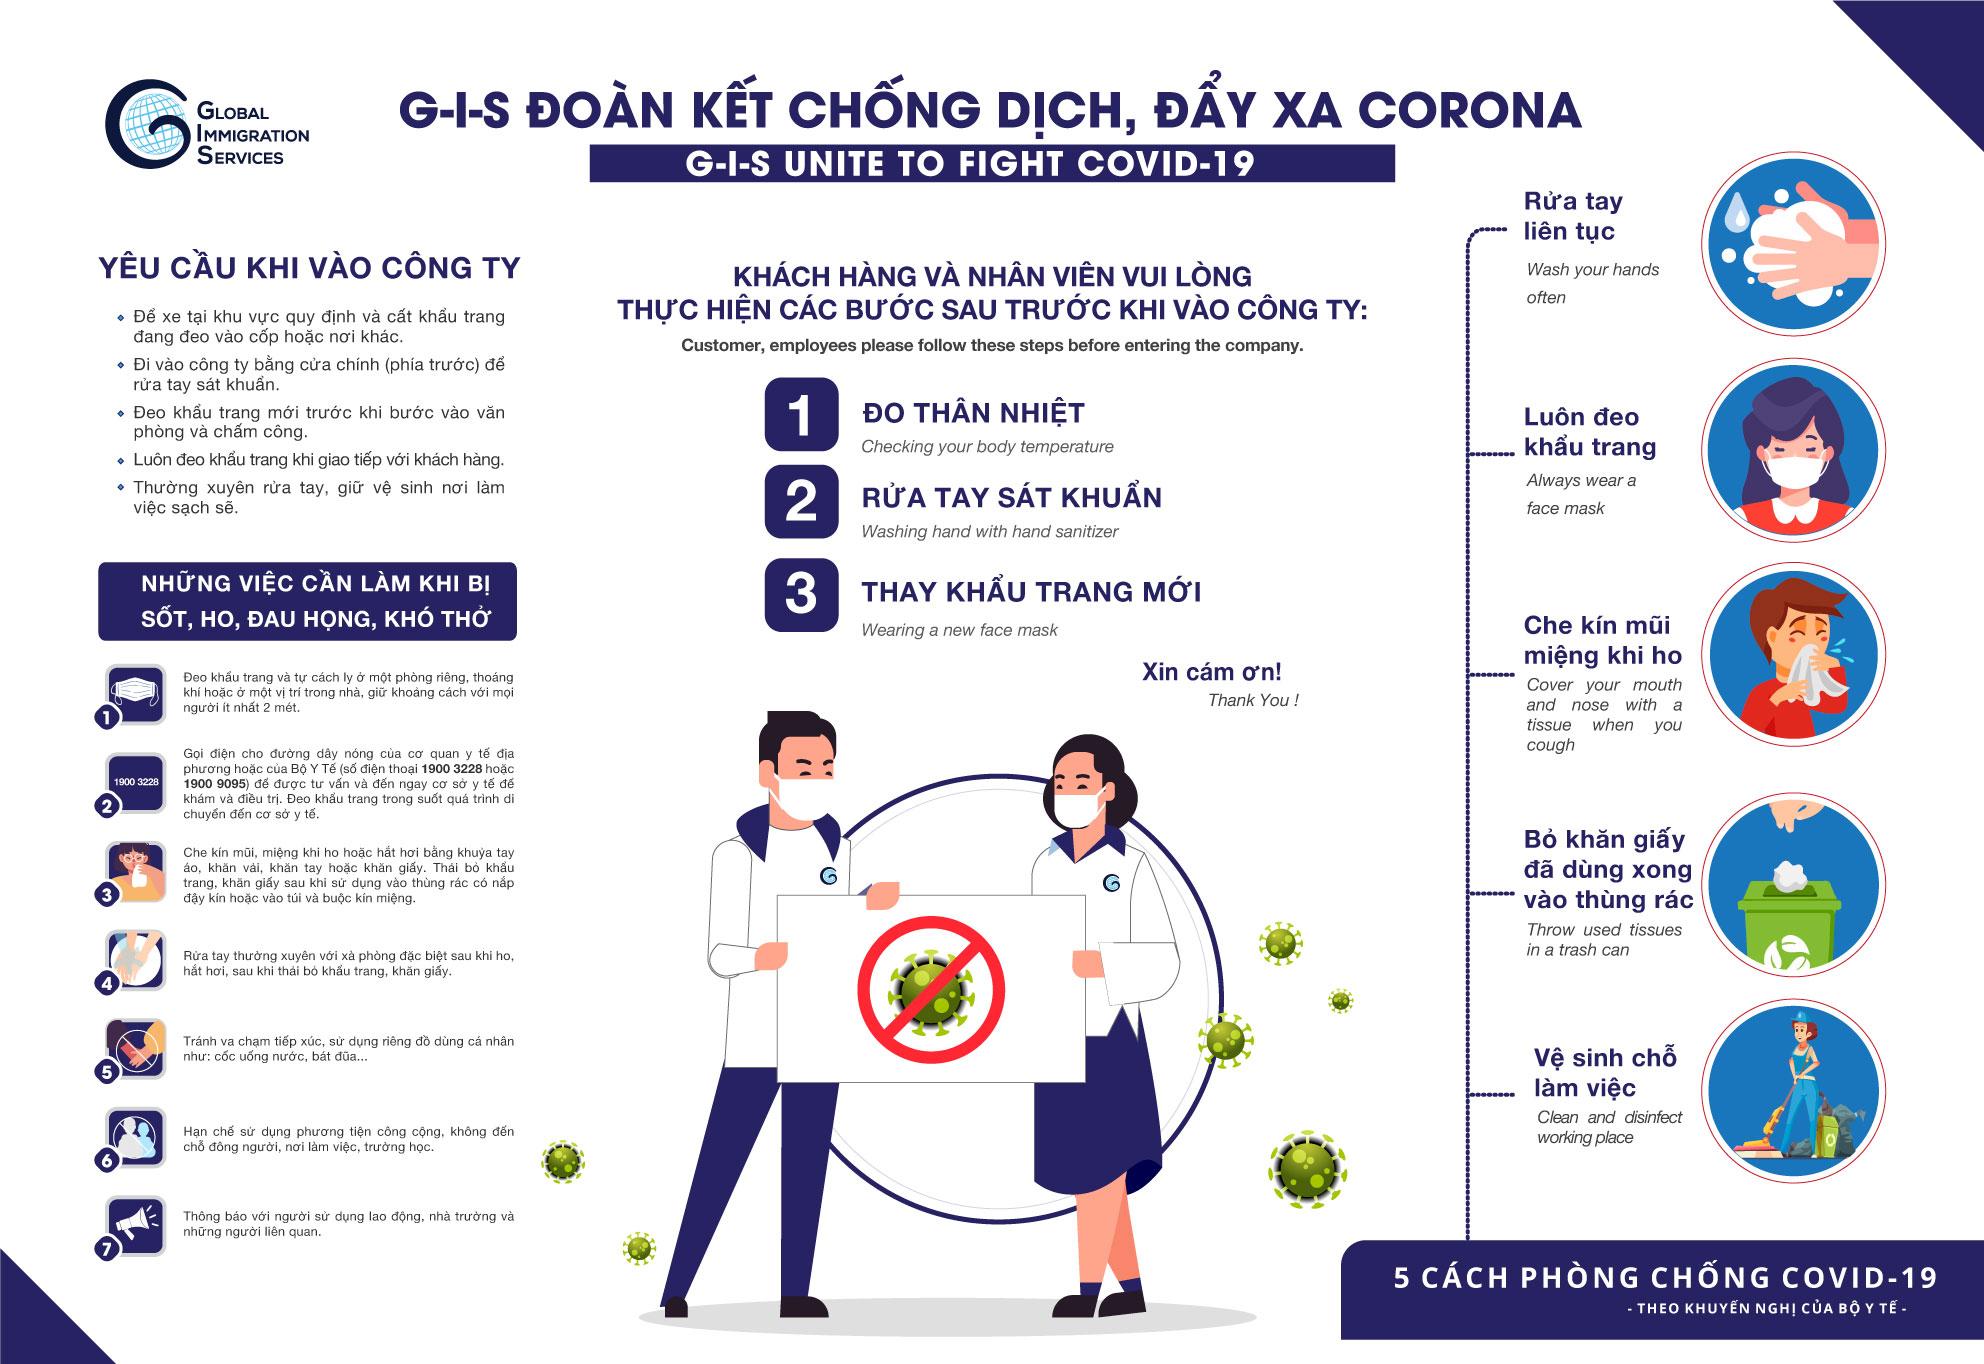 Cùng G-I-S Đoàn Kết Chống Dịch Corona